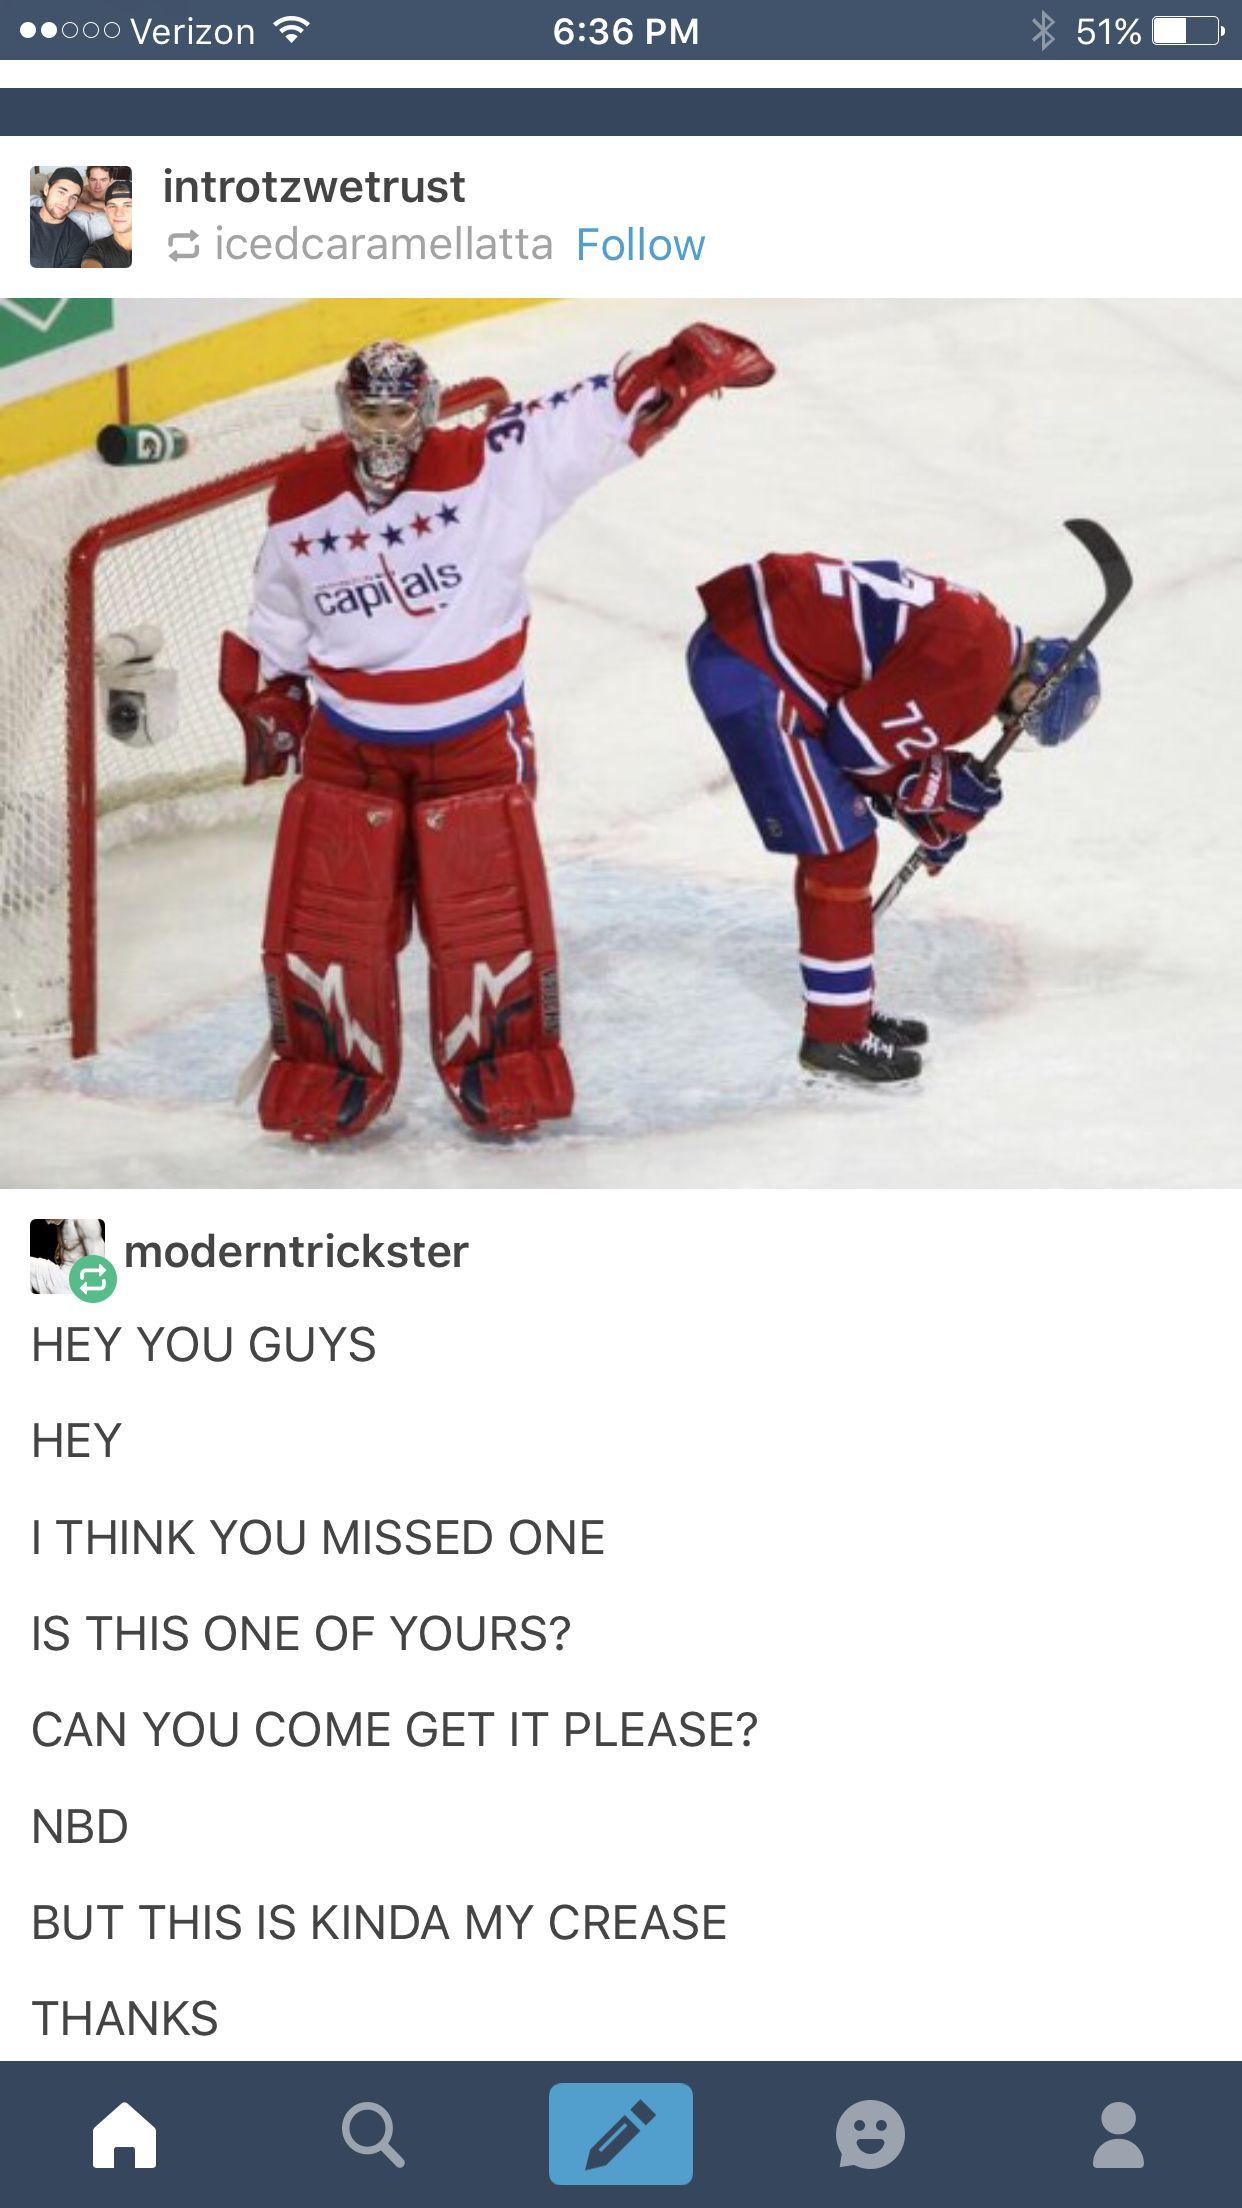 I'll take him!